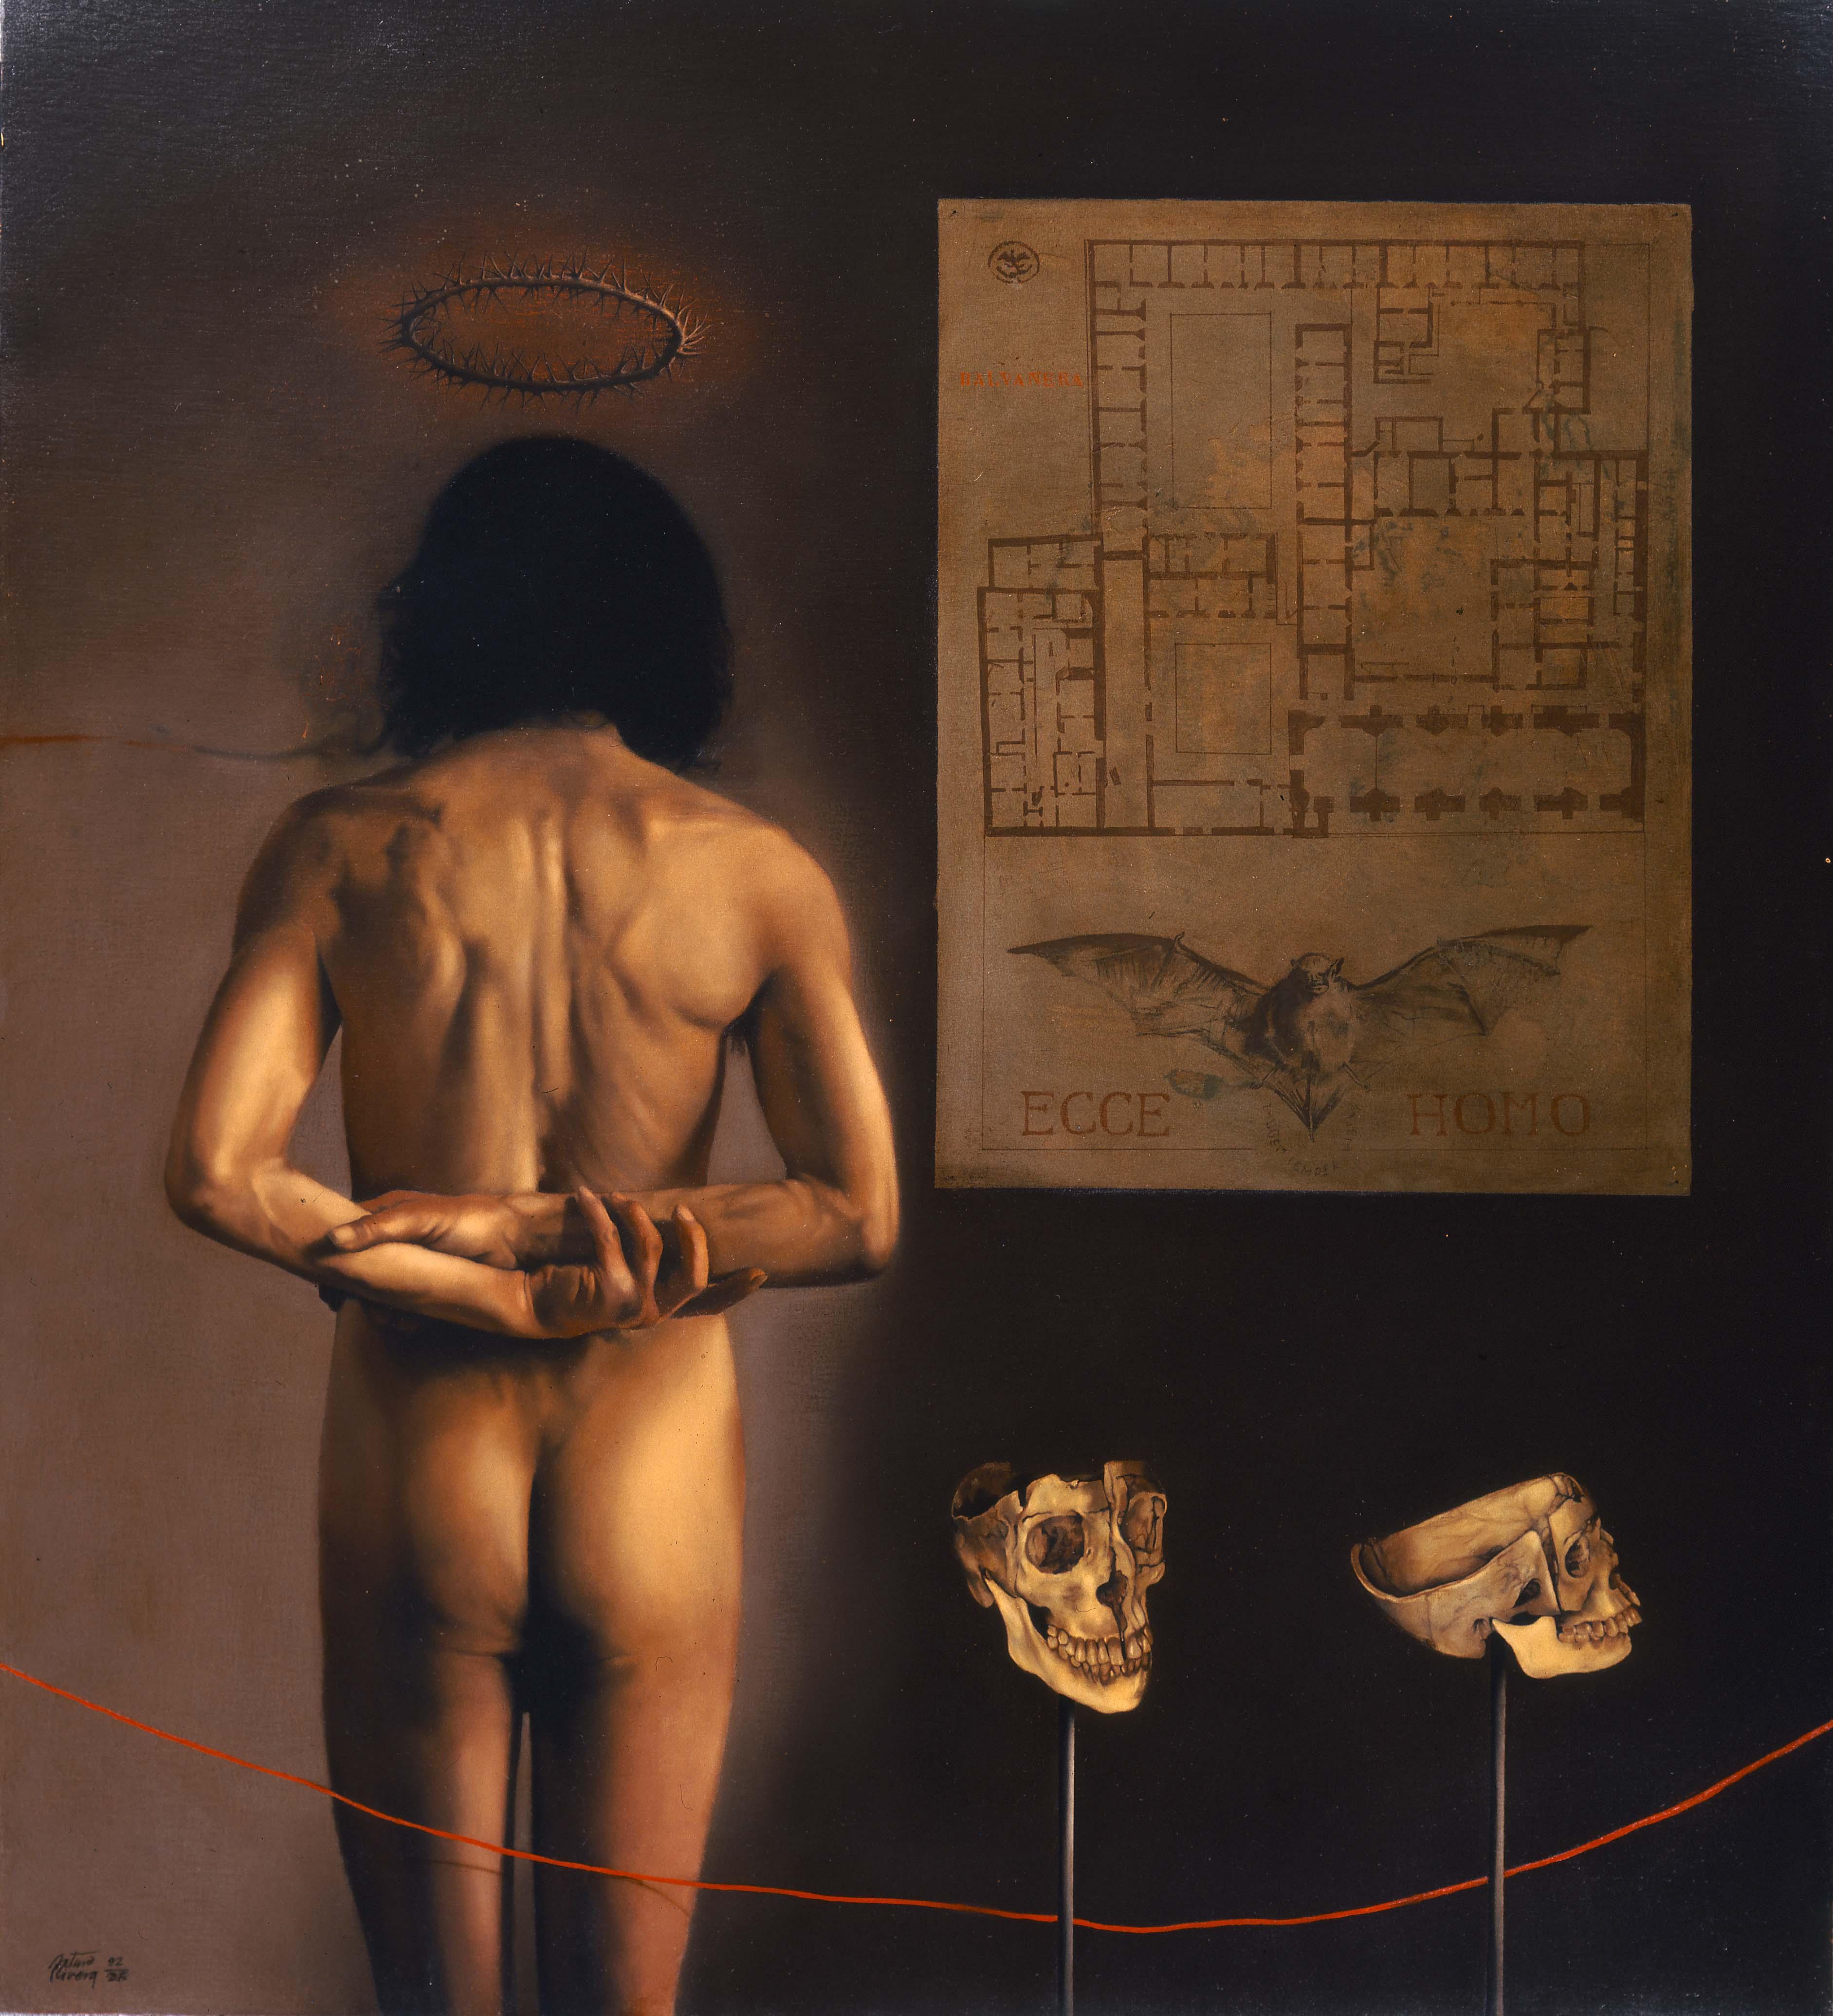 Ecce - Homo